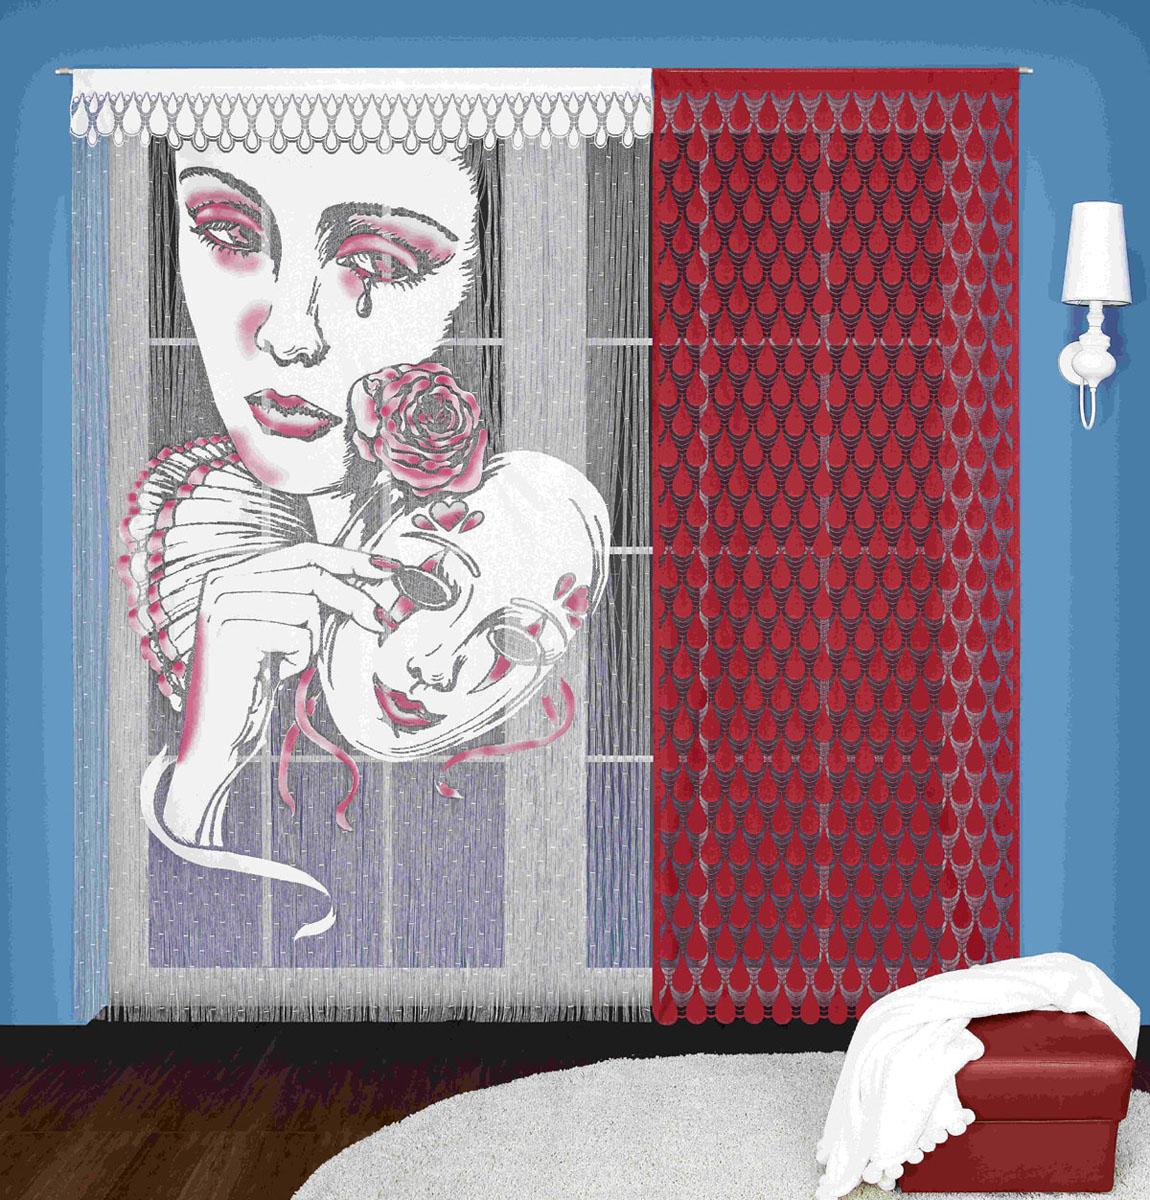 Гардина-лапша Wisan, цвет: бордовый, высота 240 см50780/150Гардинное полотно Пьеро, состоящее из двух отдельных частей . Крепится на кулиску.Размеры: ширина 150* высота 240, ширина 90* высота 240